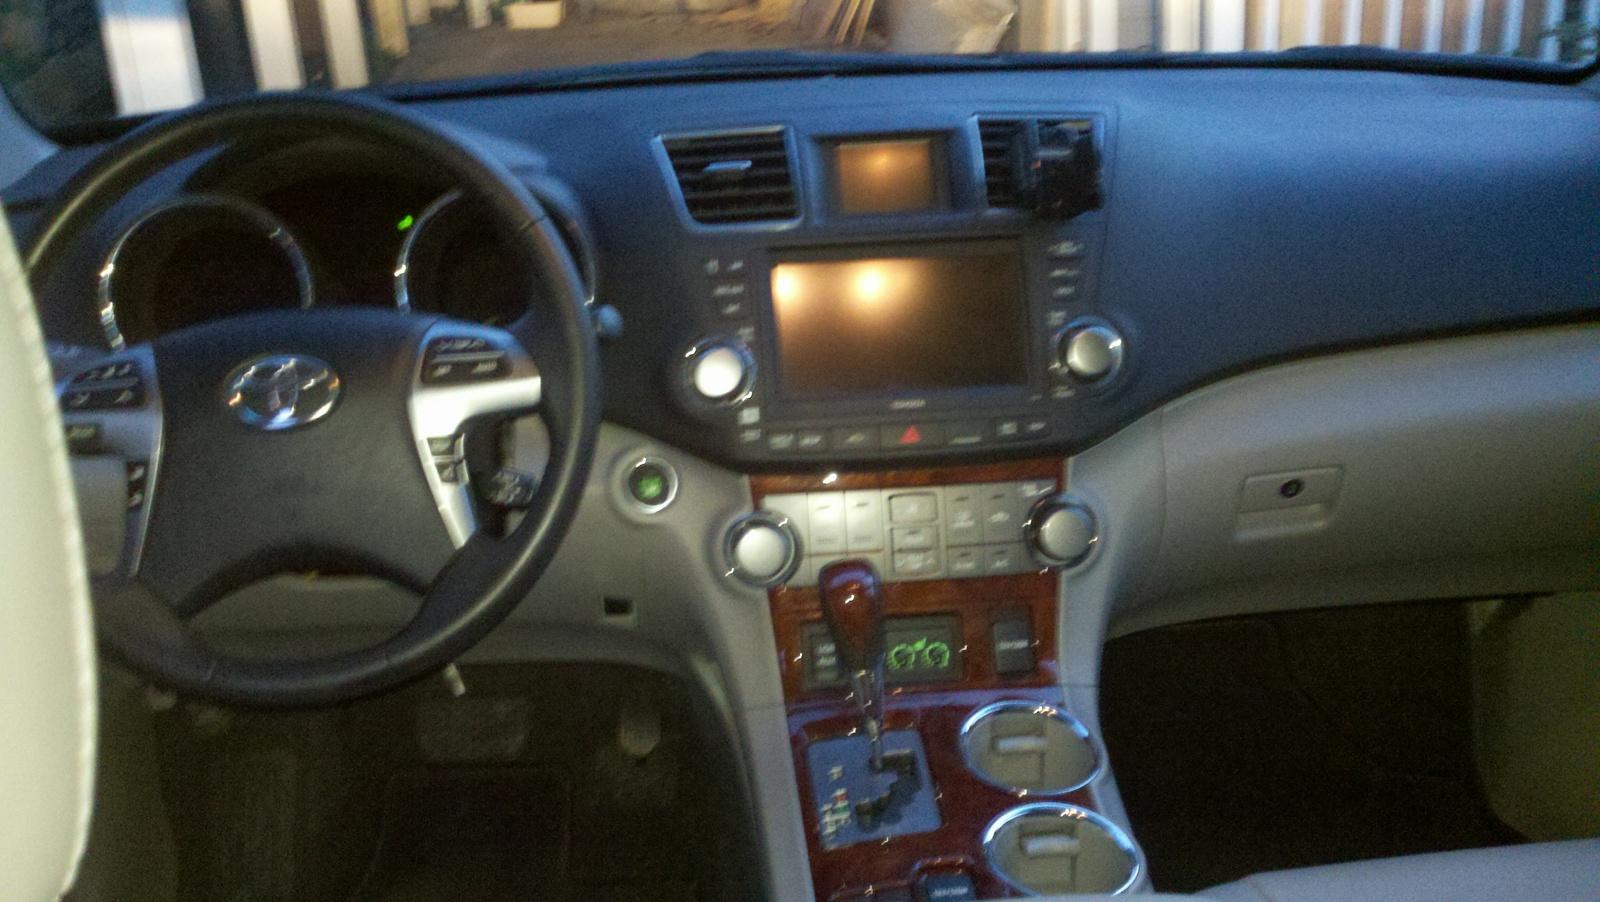 2011 Toyota Highlander Interior Pictures Cargurus